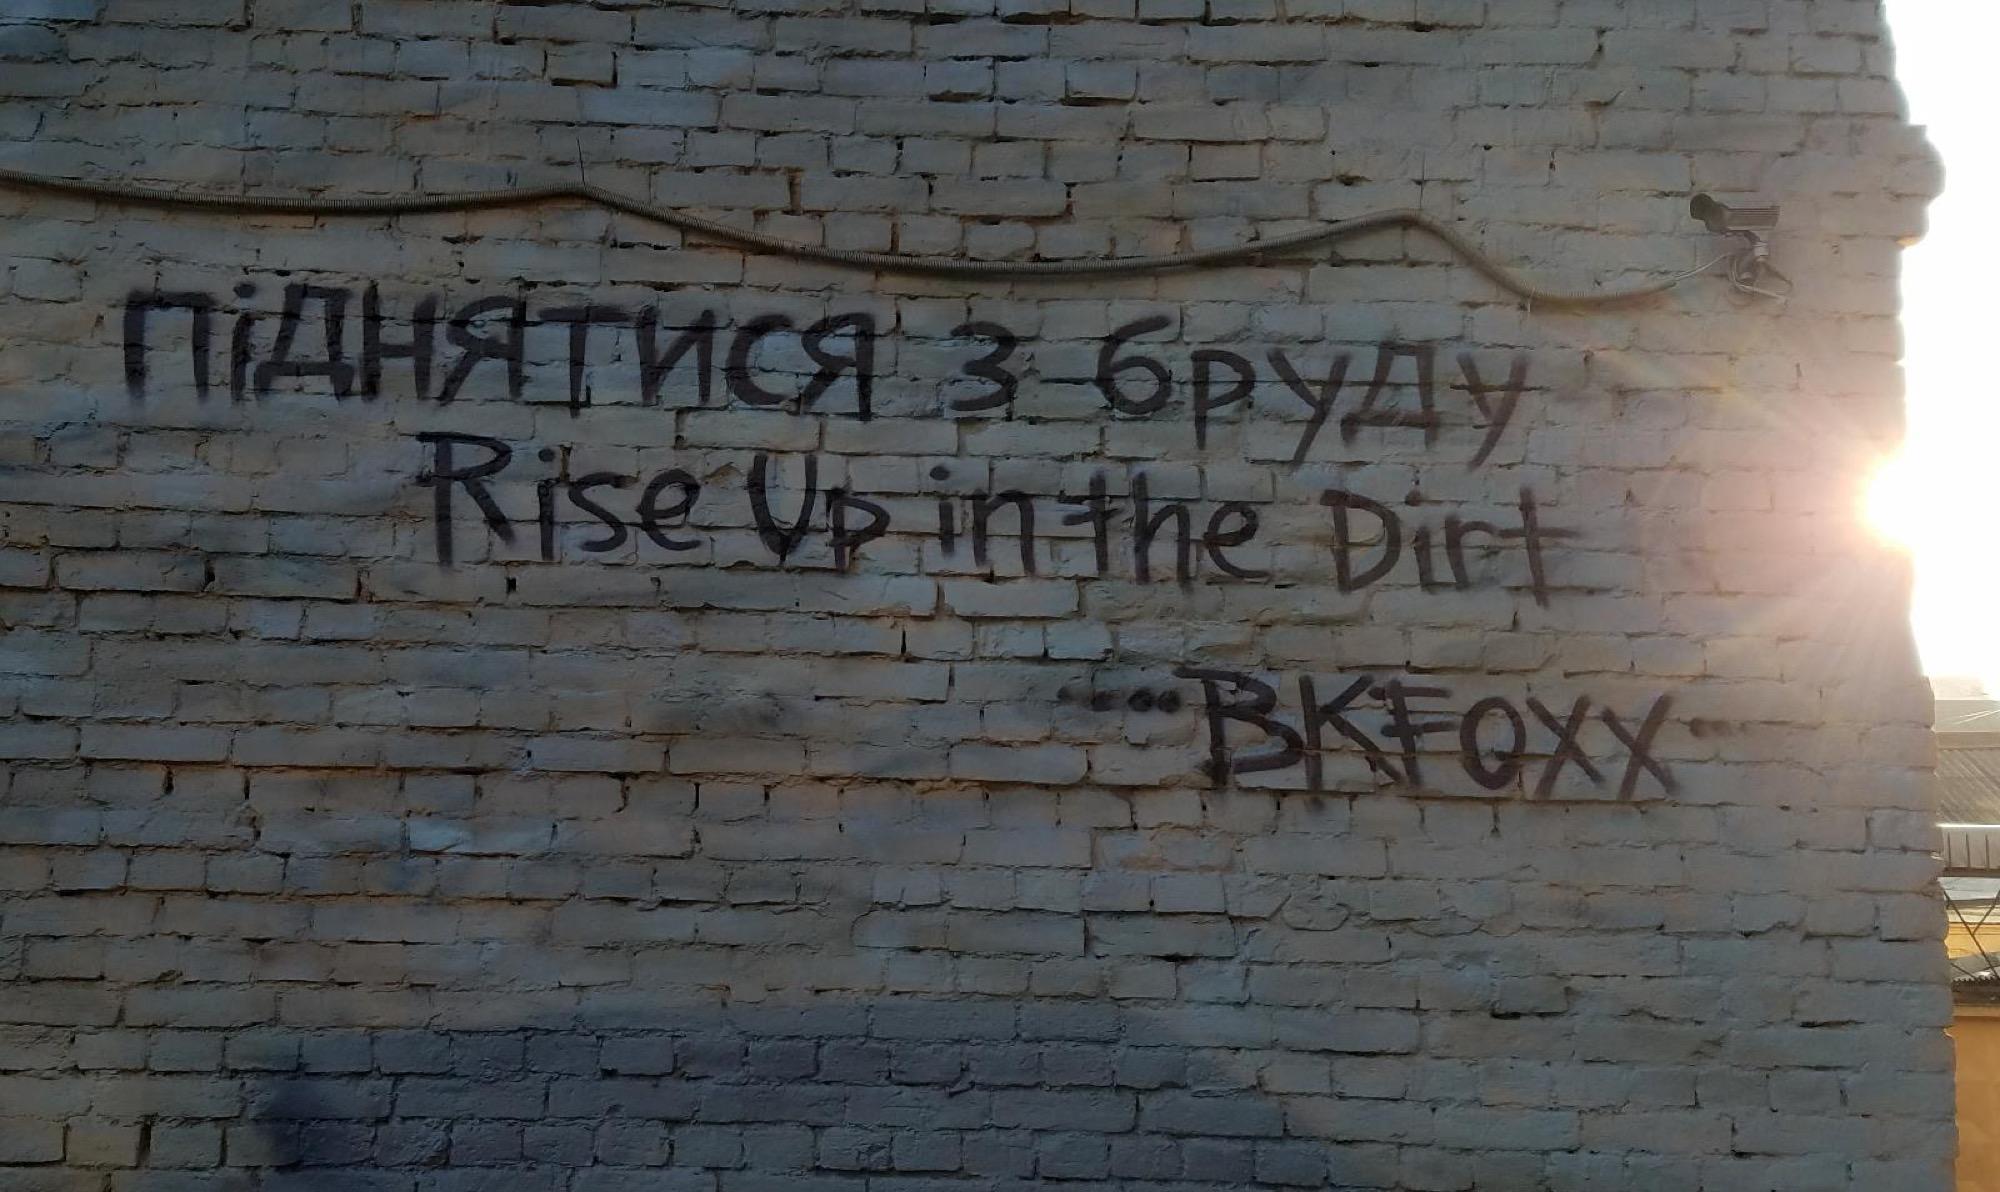 BKFoxx in Kiev, Ukraine Artes & contextos IMG 20171121 WA0021